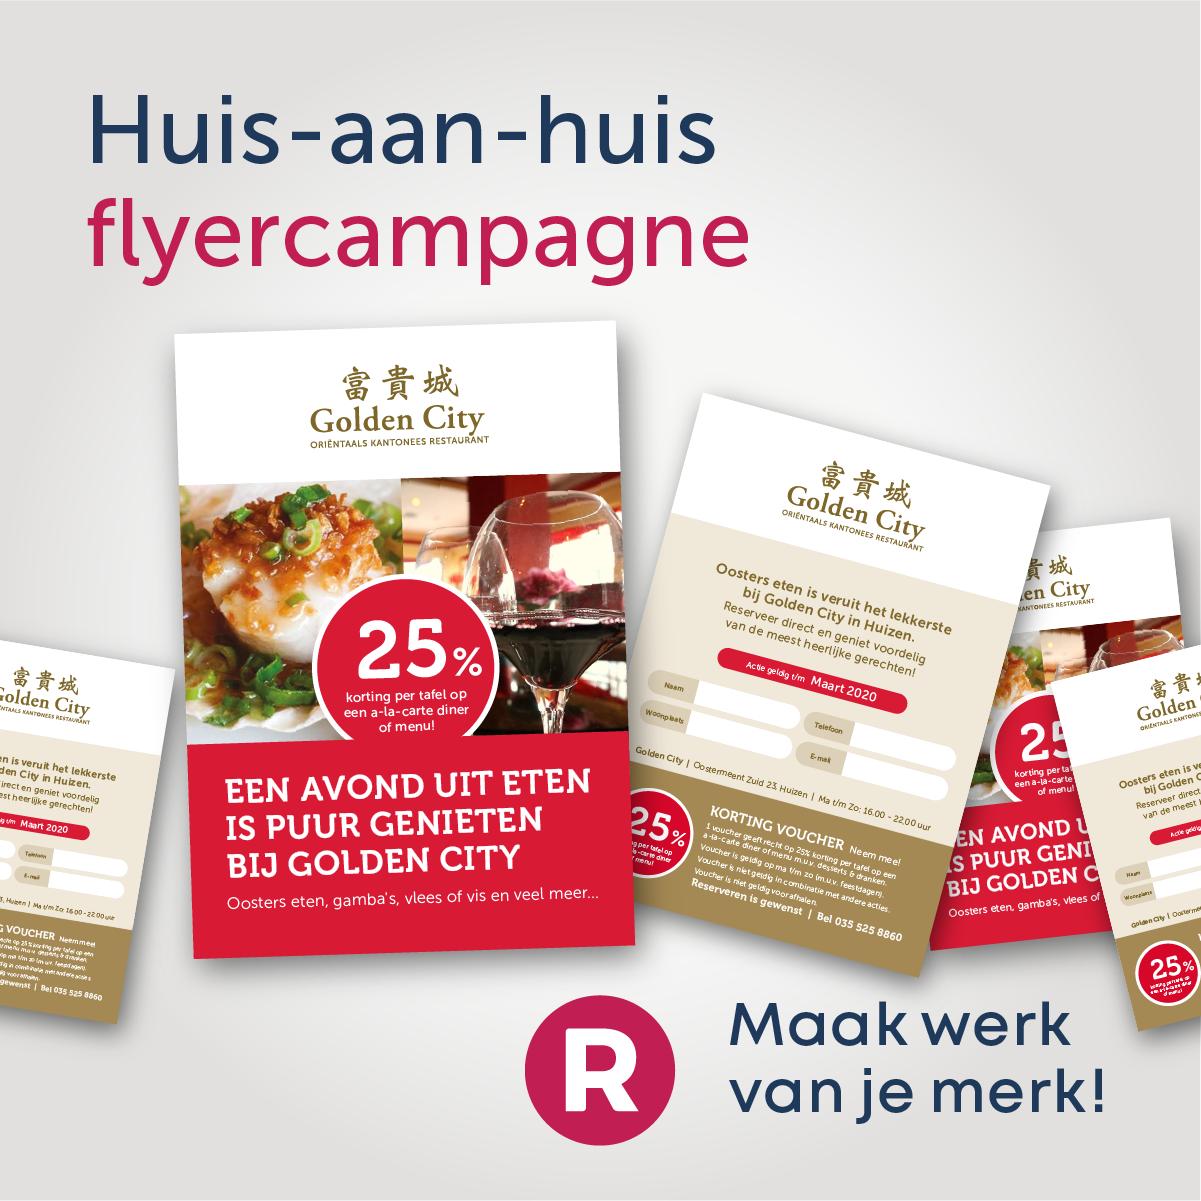 GoldenCity Huis-aan-Huis flyercampagne